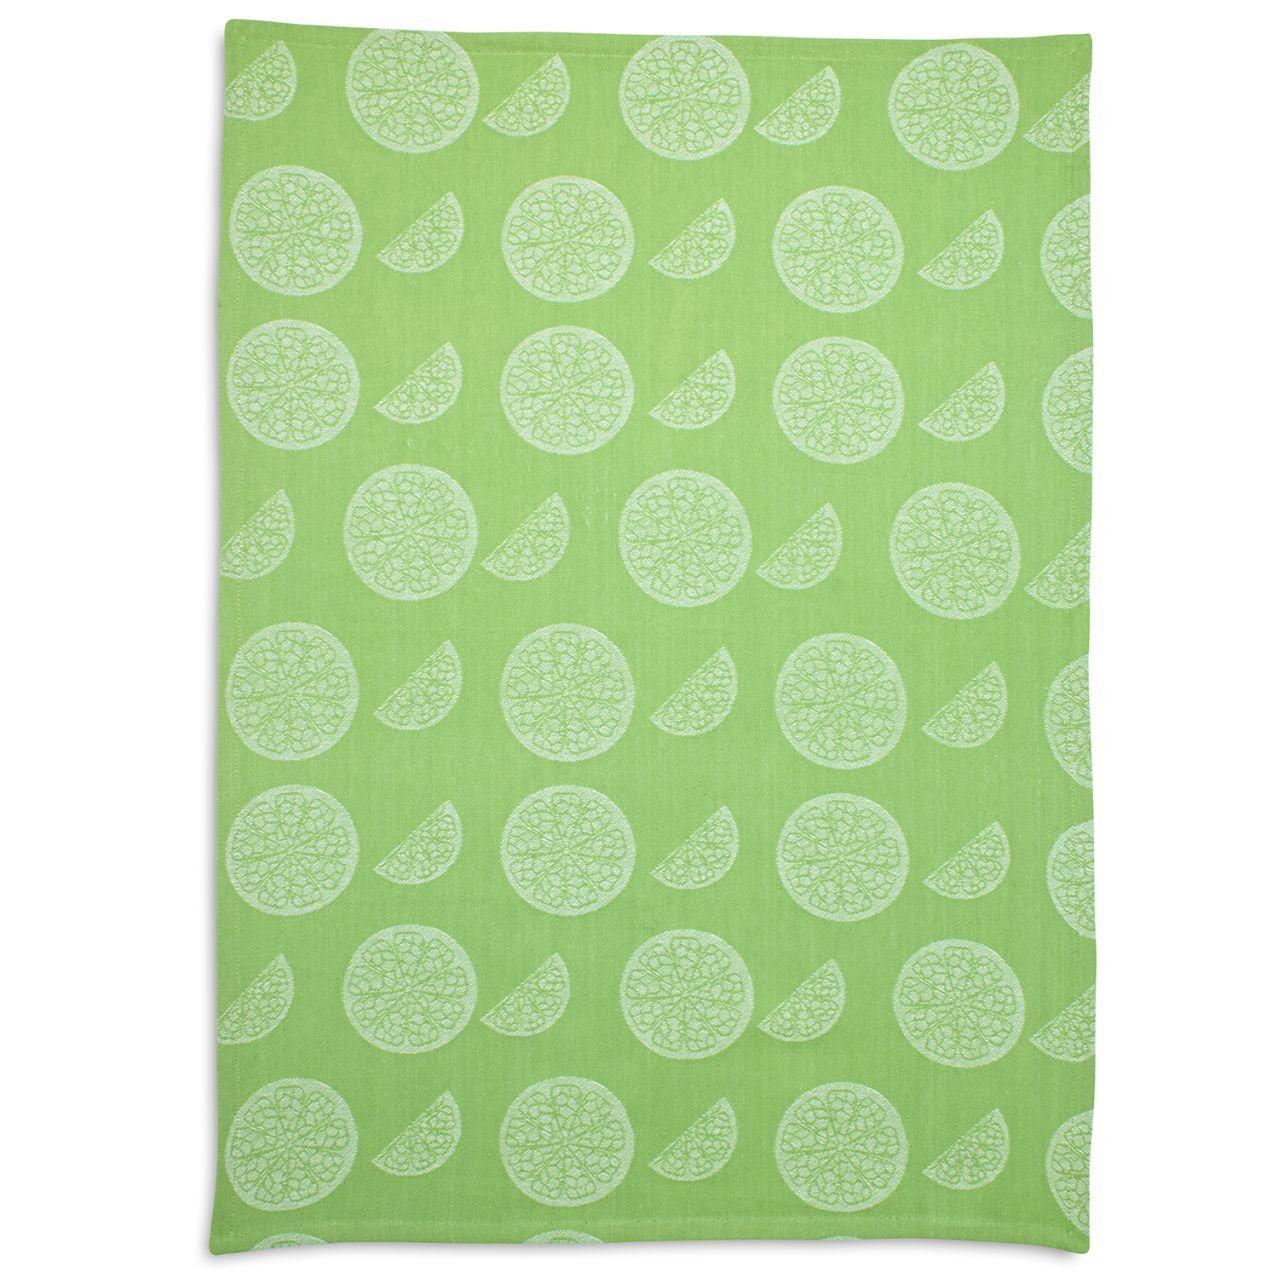 Lime Slice Jacquard Kitchen Towel Sur La Table Kitchen Towels Towel Sur La Table